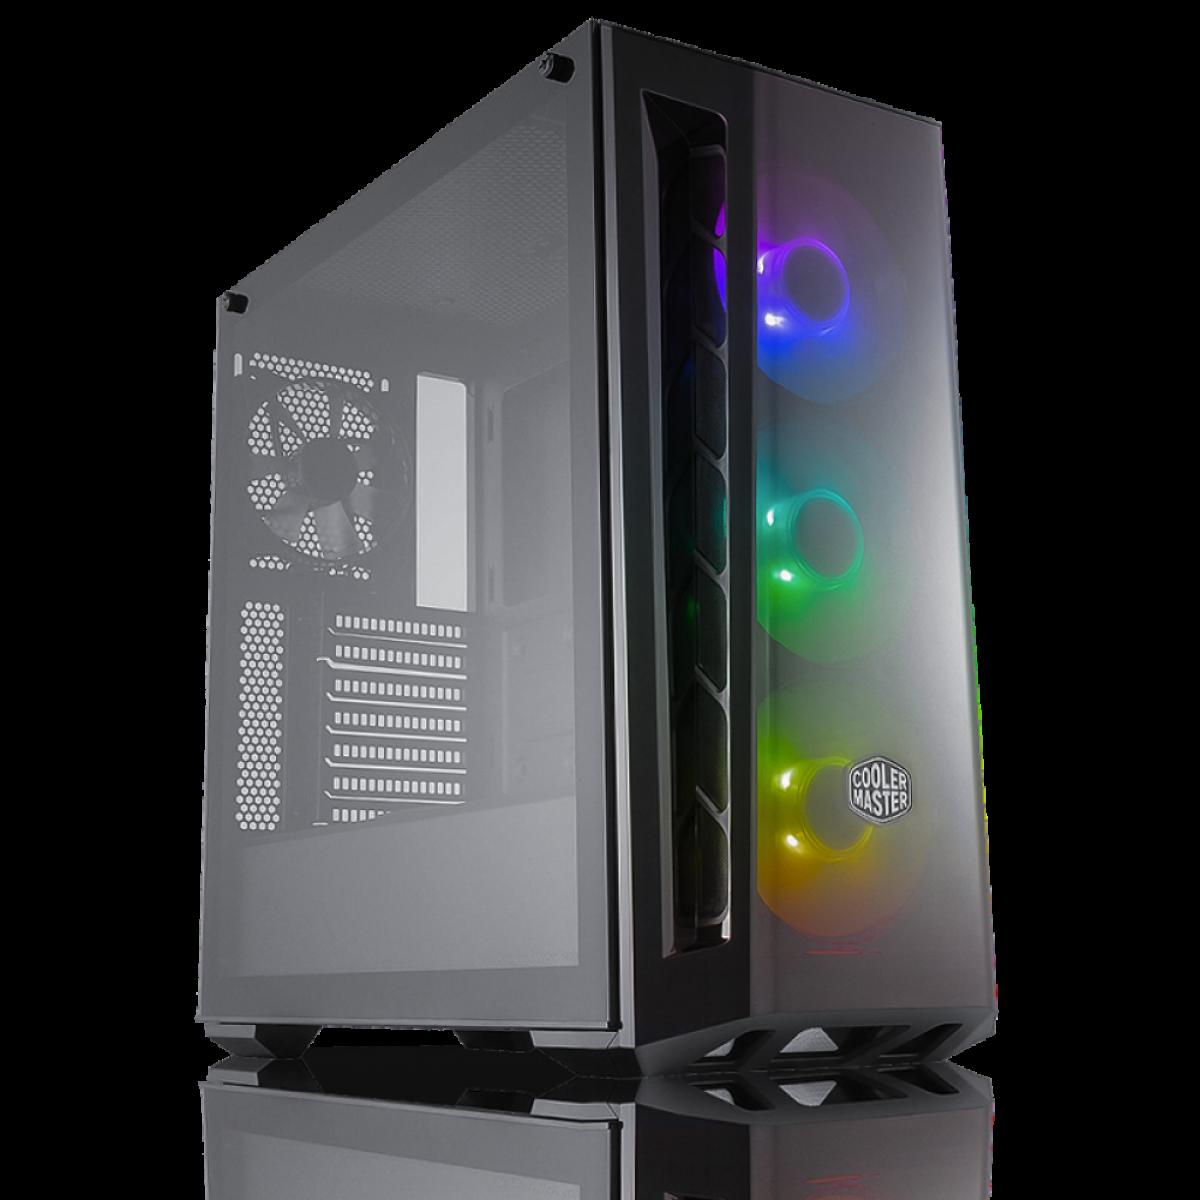 Cooler Master Masterbox Mb520 Rgb Gaming Case Mcb B520